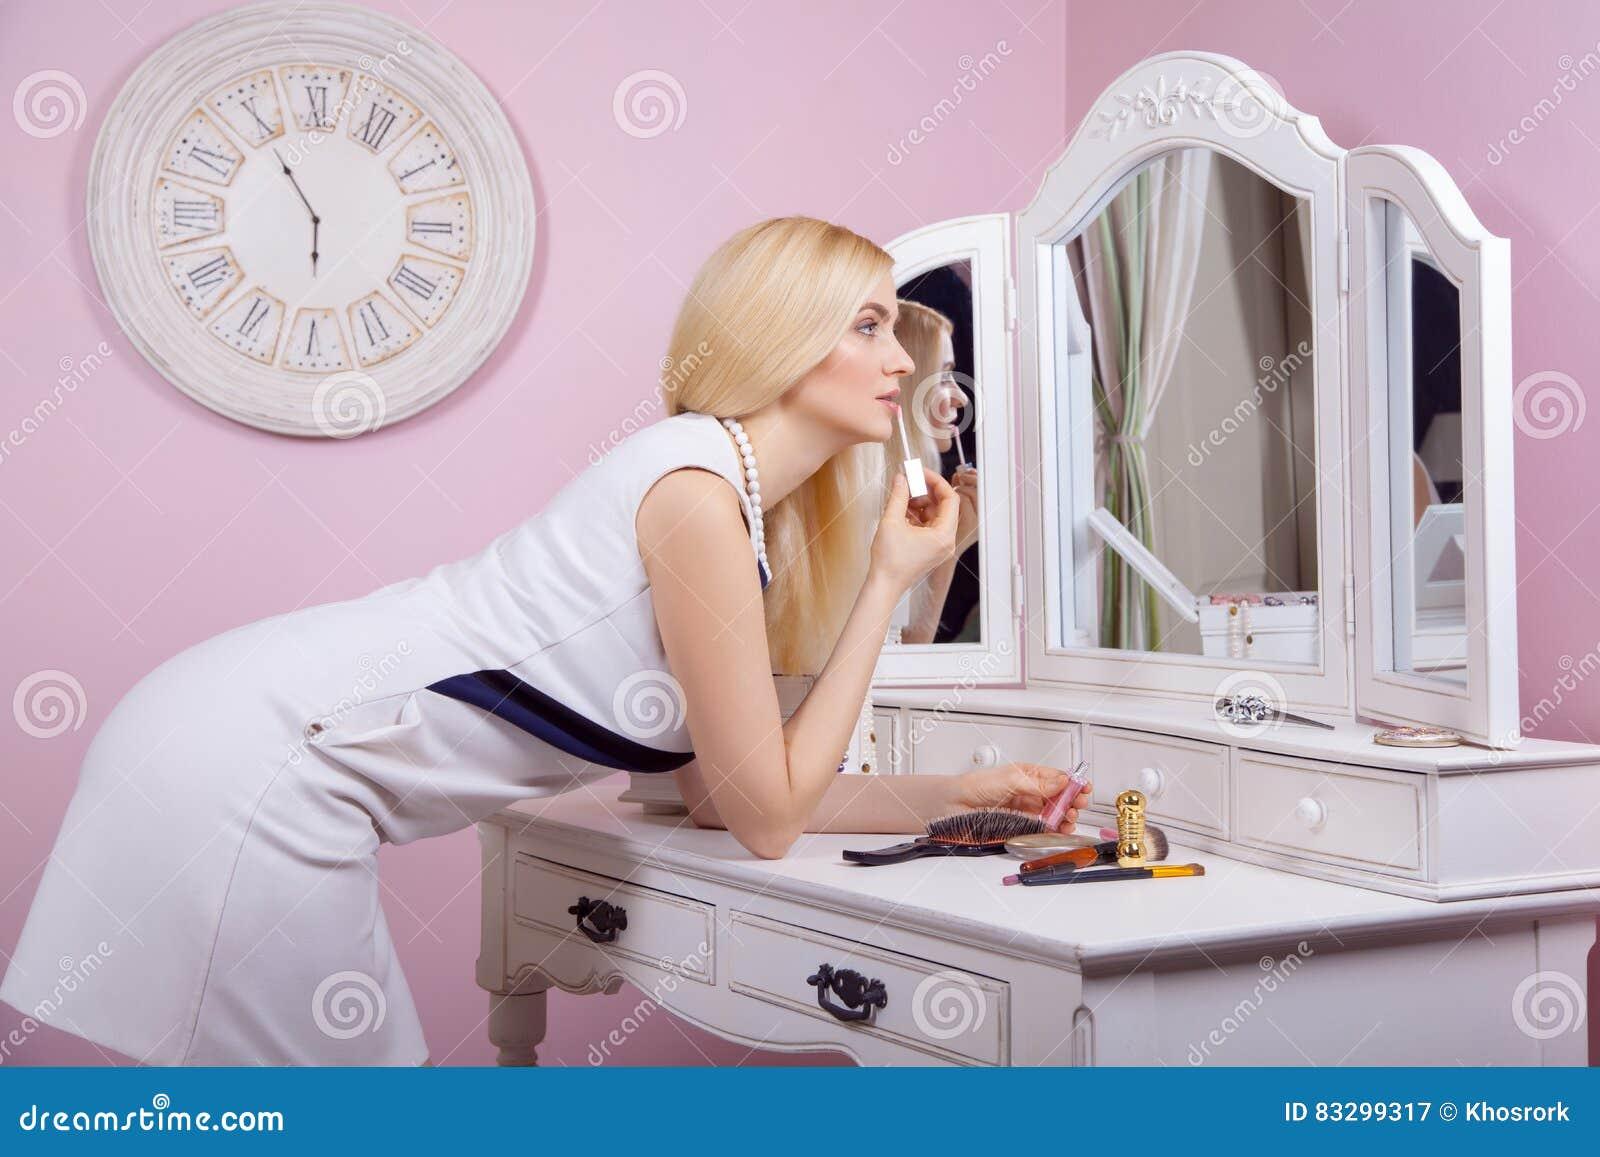 Dating makeup mirror